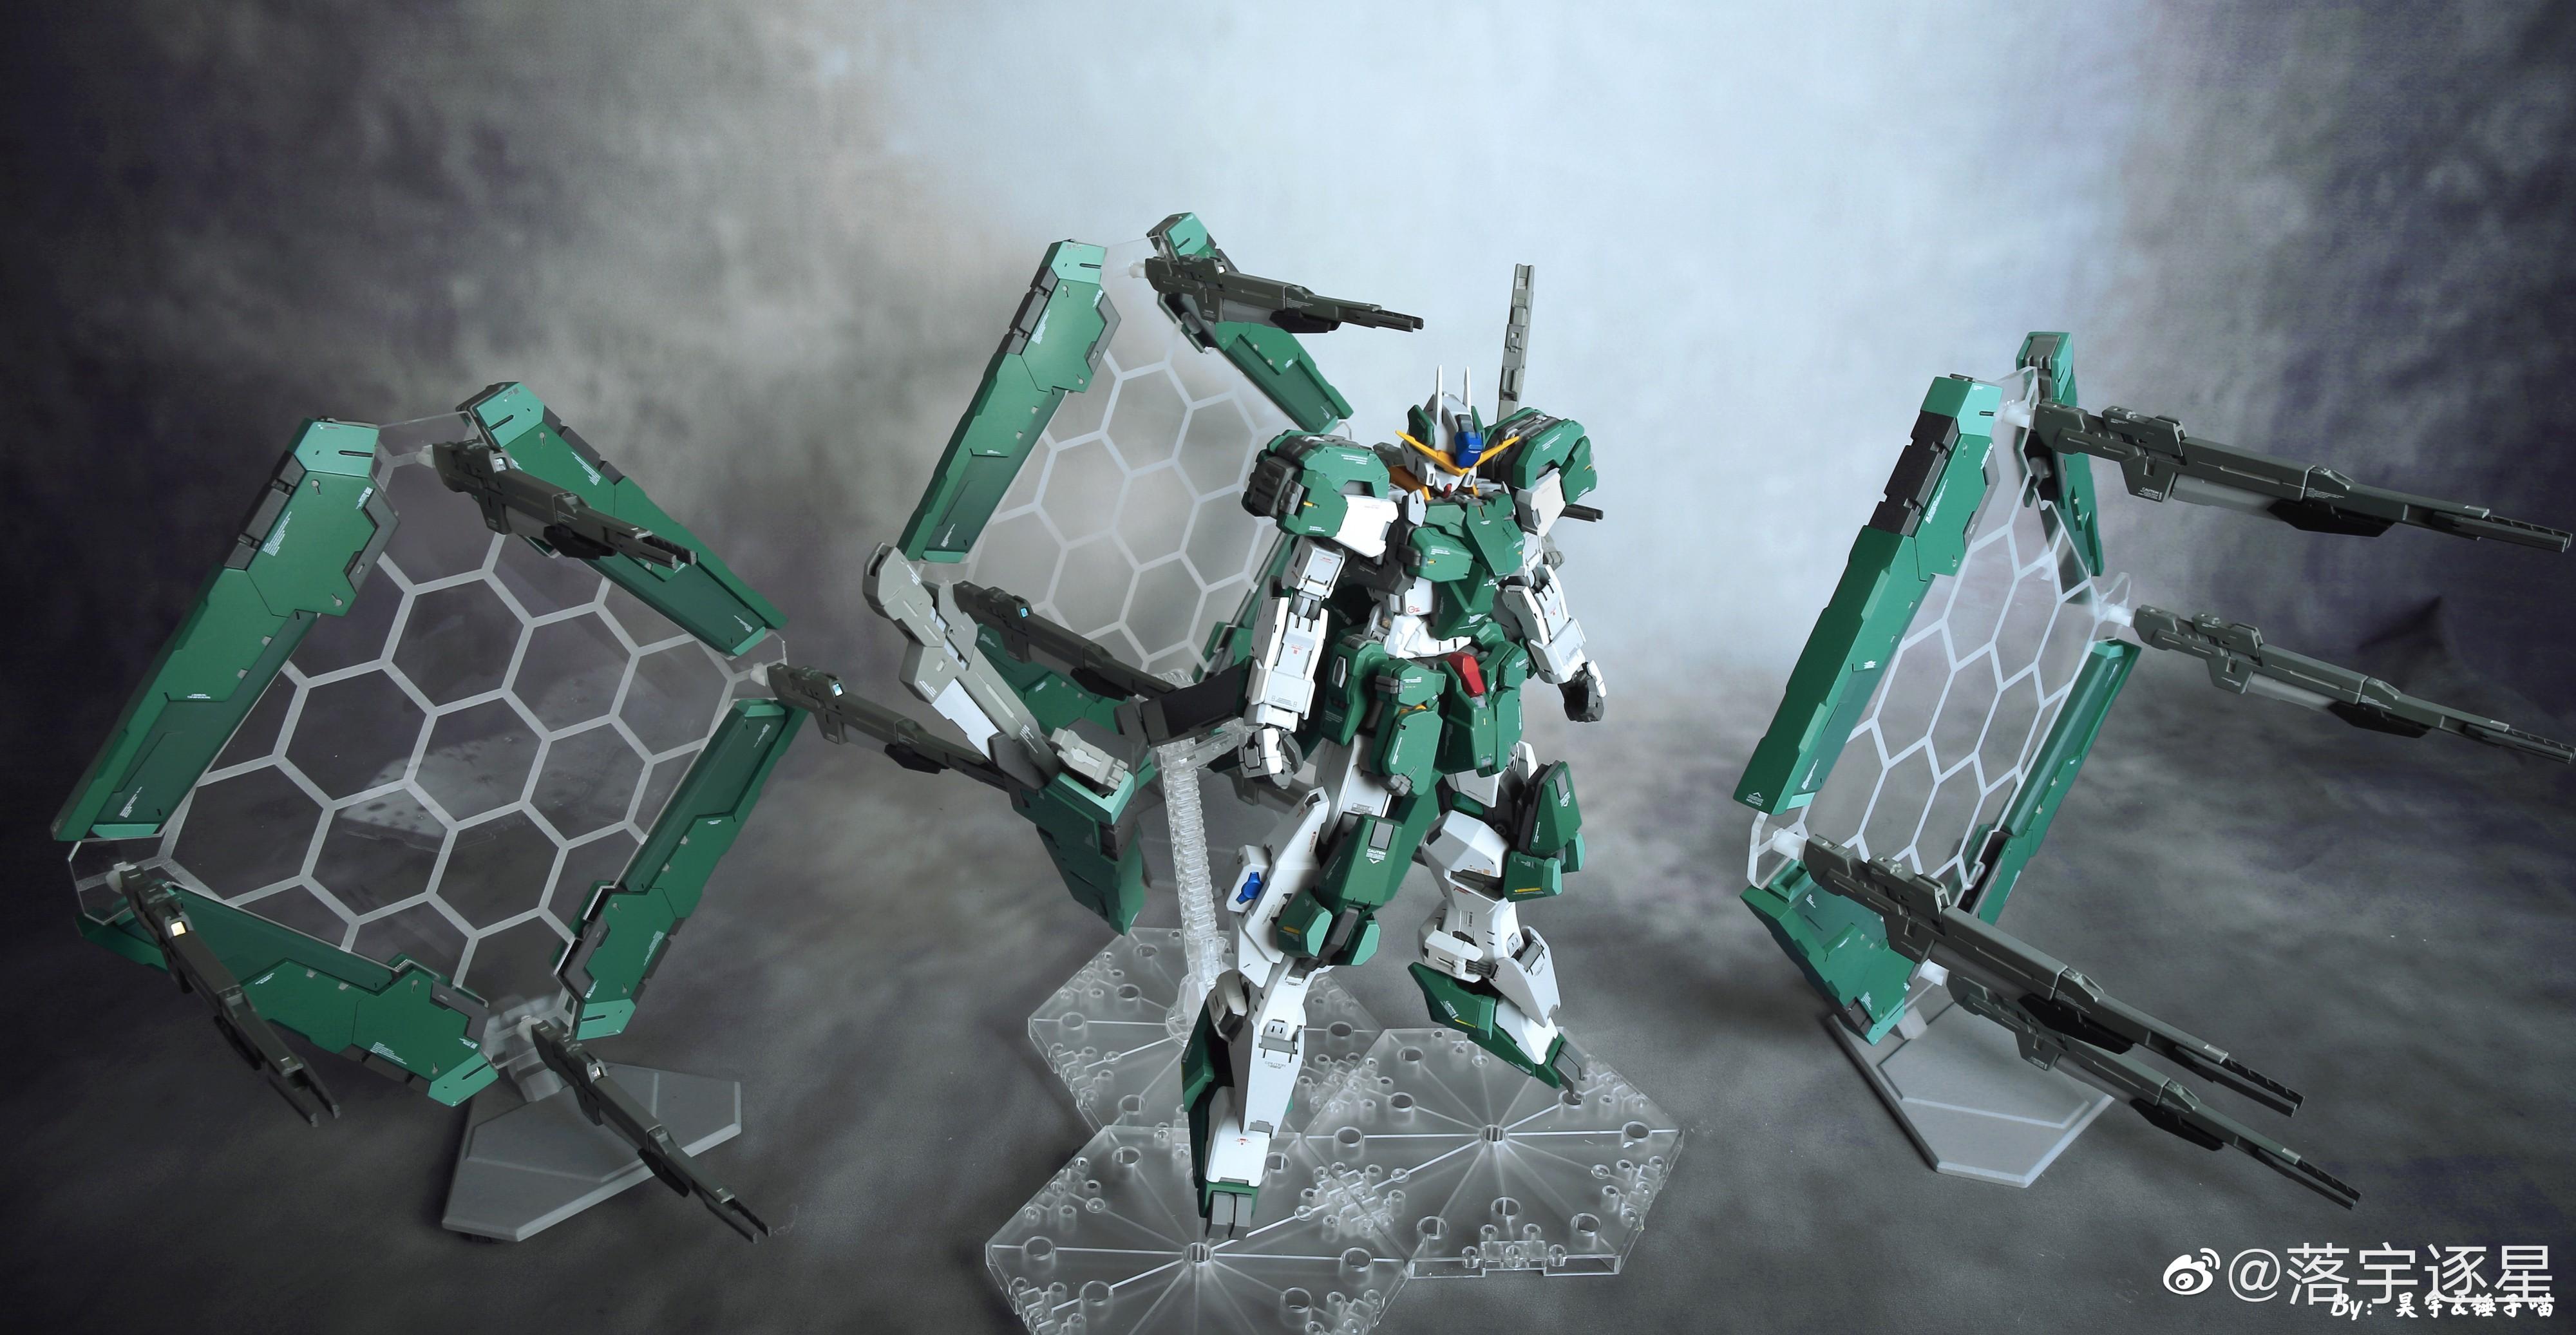 G652_3_GN_010_OO_Gundam_Zabanya_008.jpg